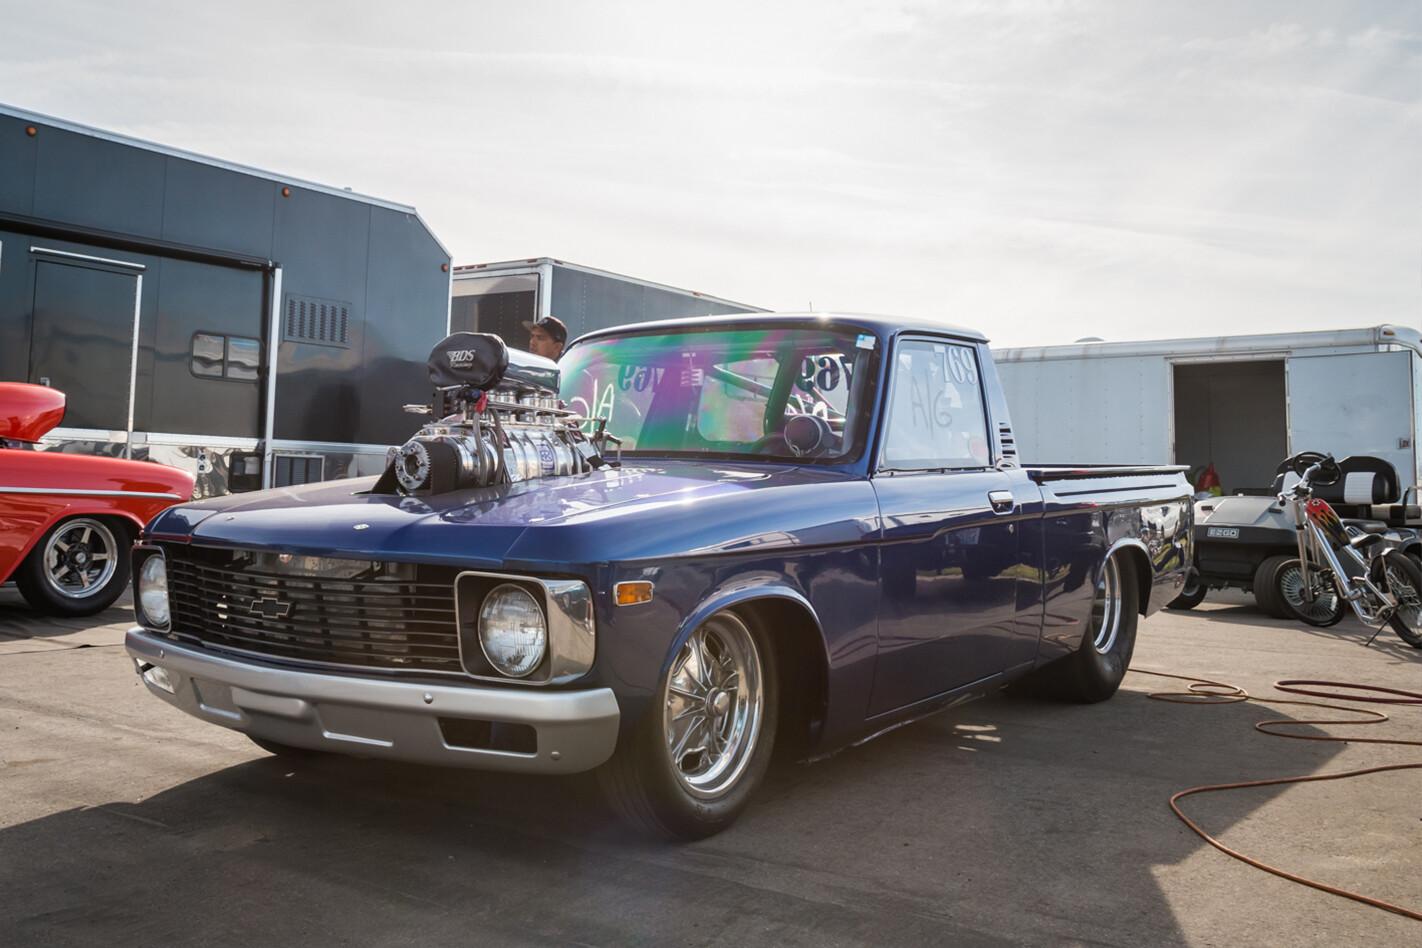 Scott Bisel's Chevy